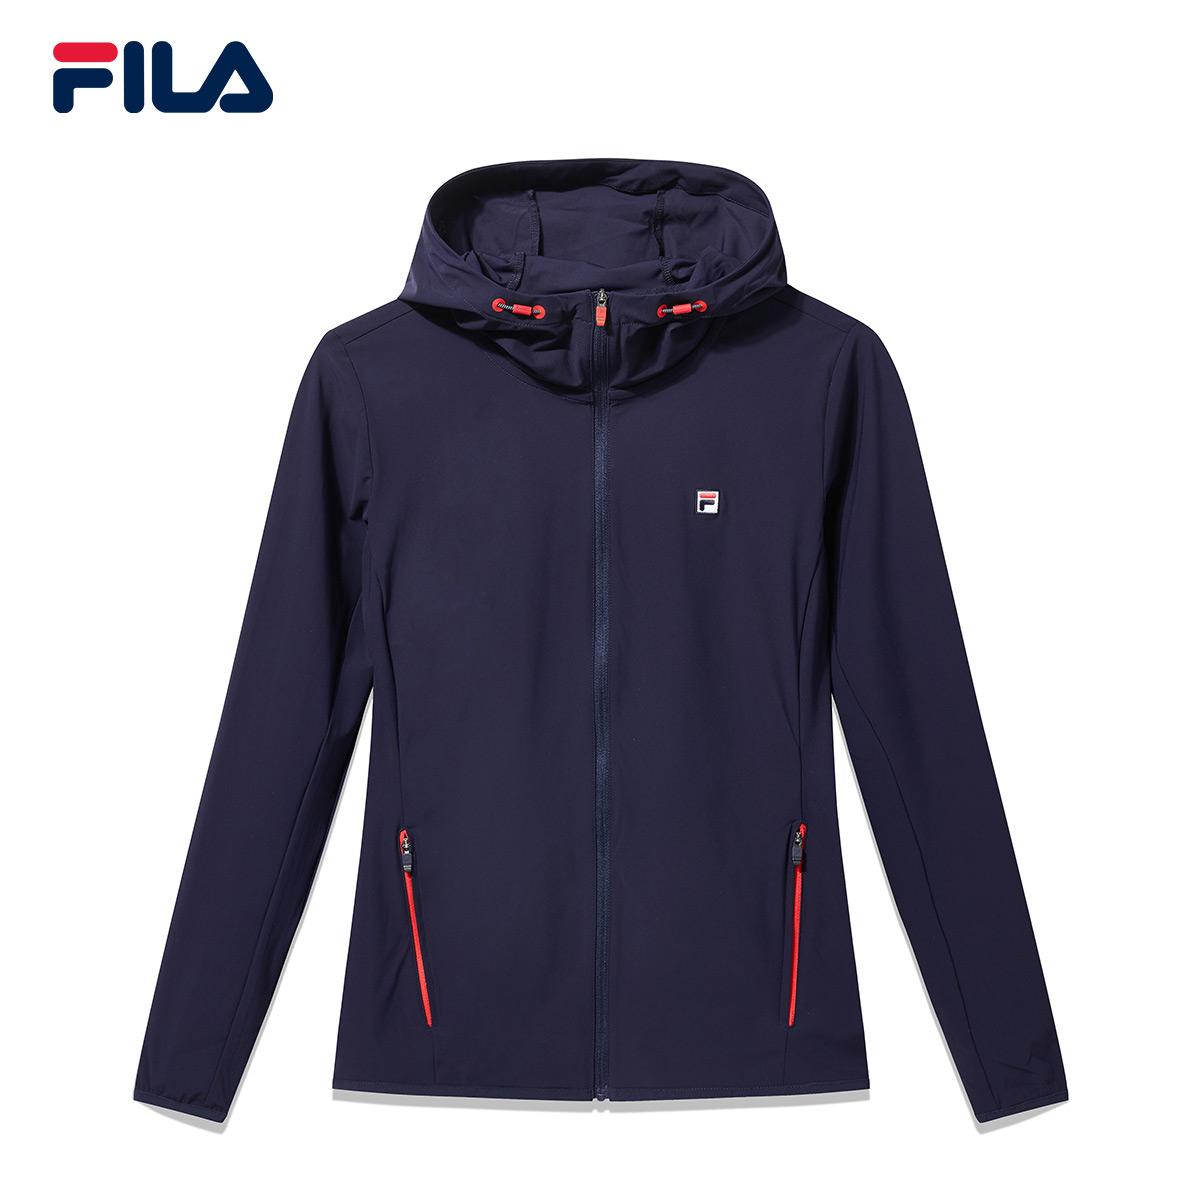 FILA斐乐网球女外套2018秋季新品针织防风运动休闲外套连帽外套女